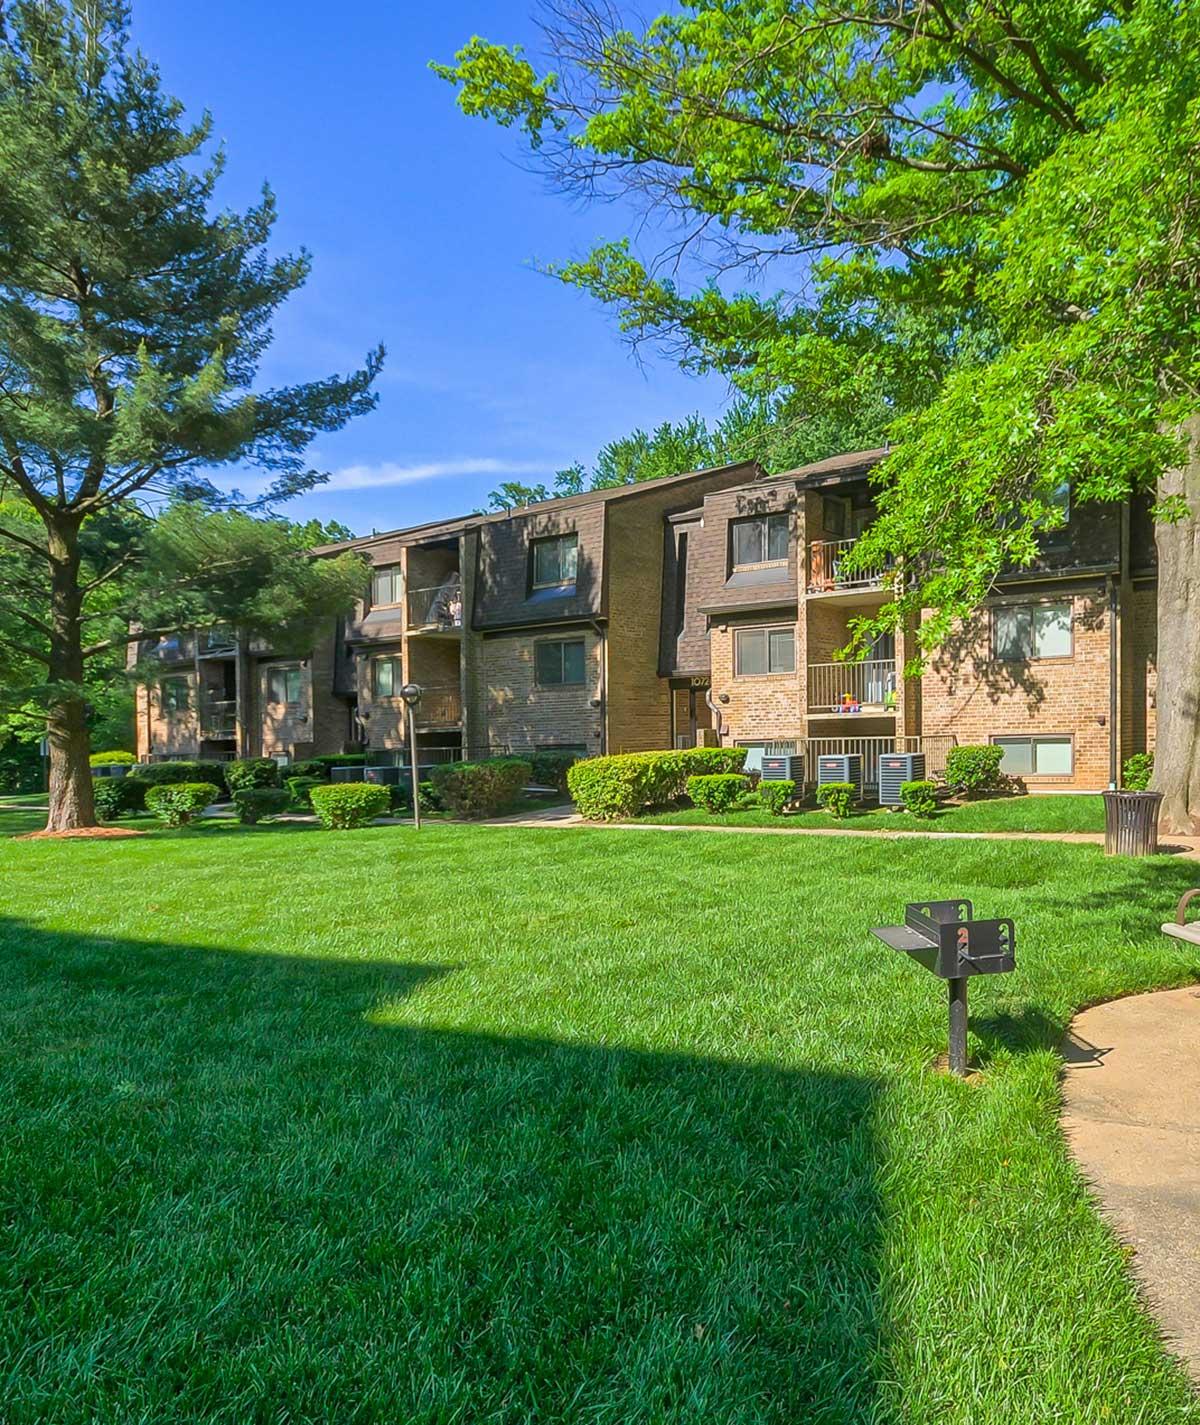 Apartments in Fairfax, VA